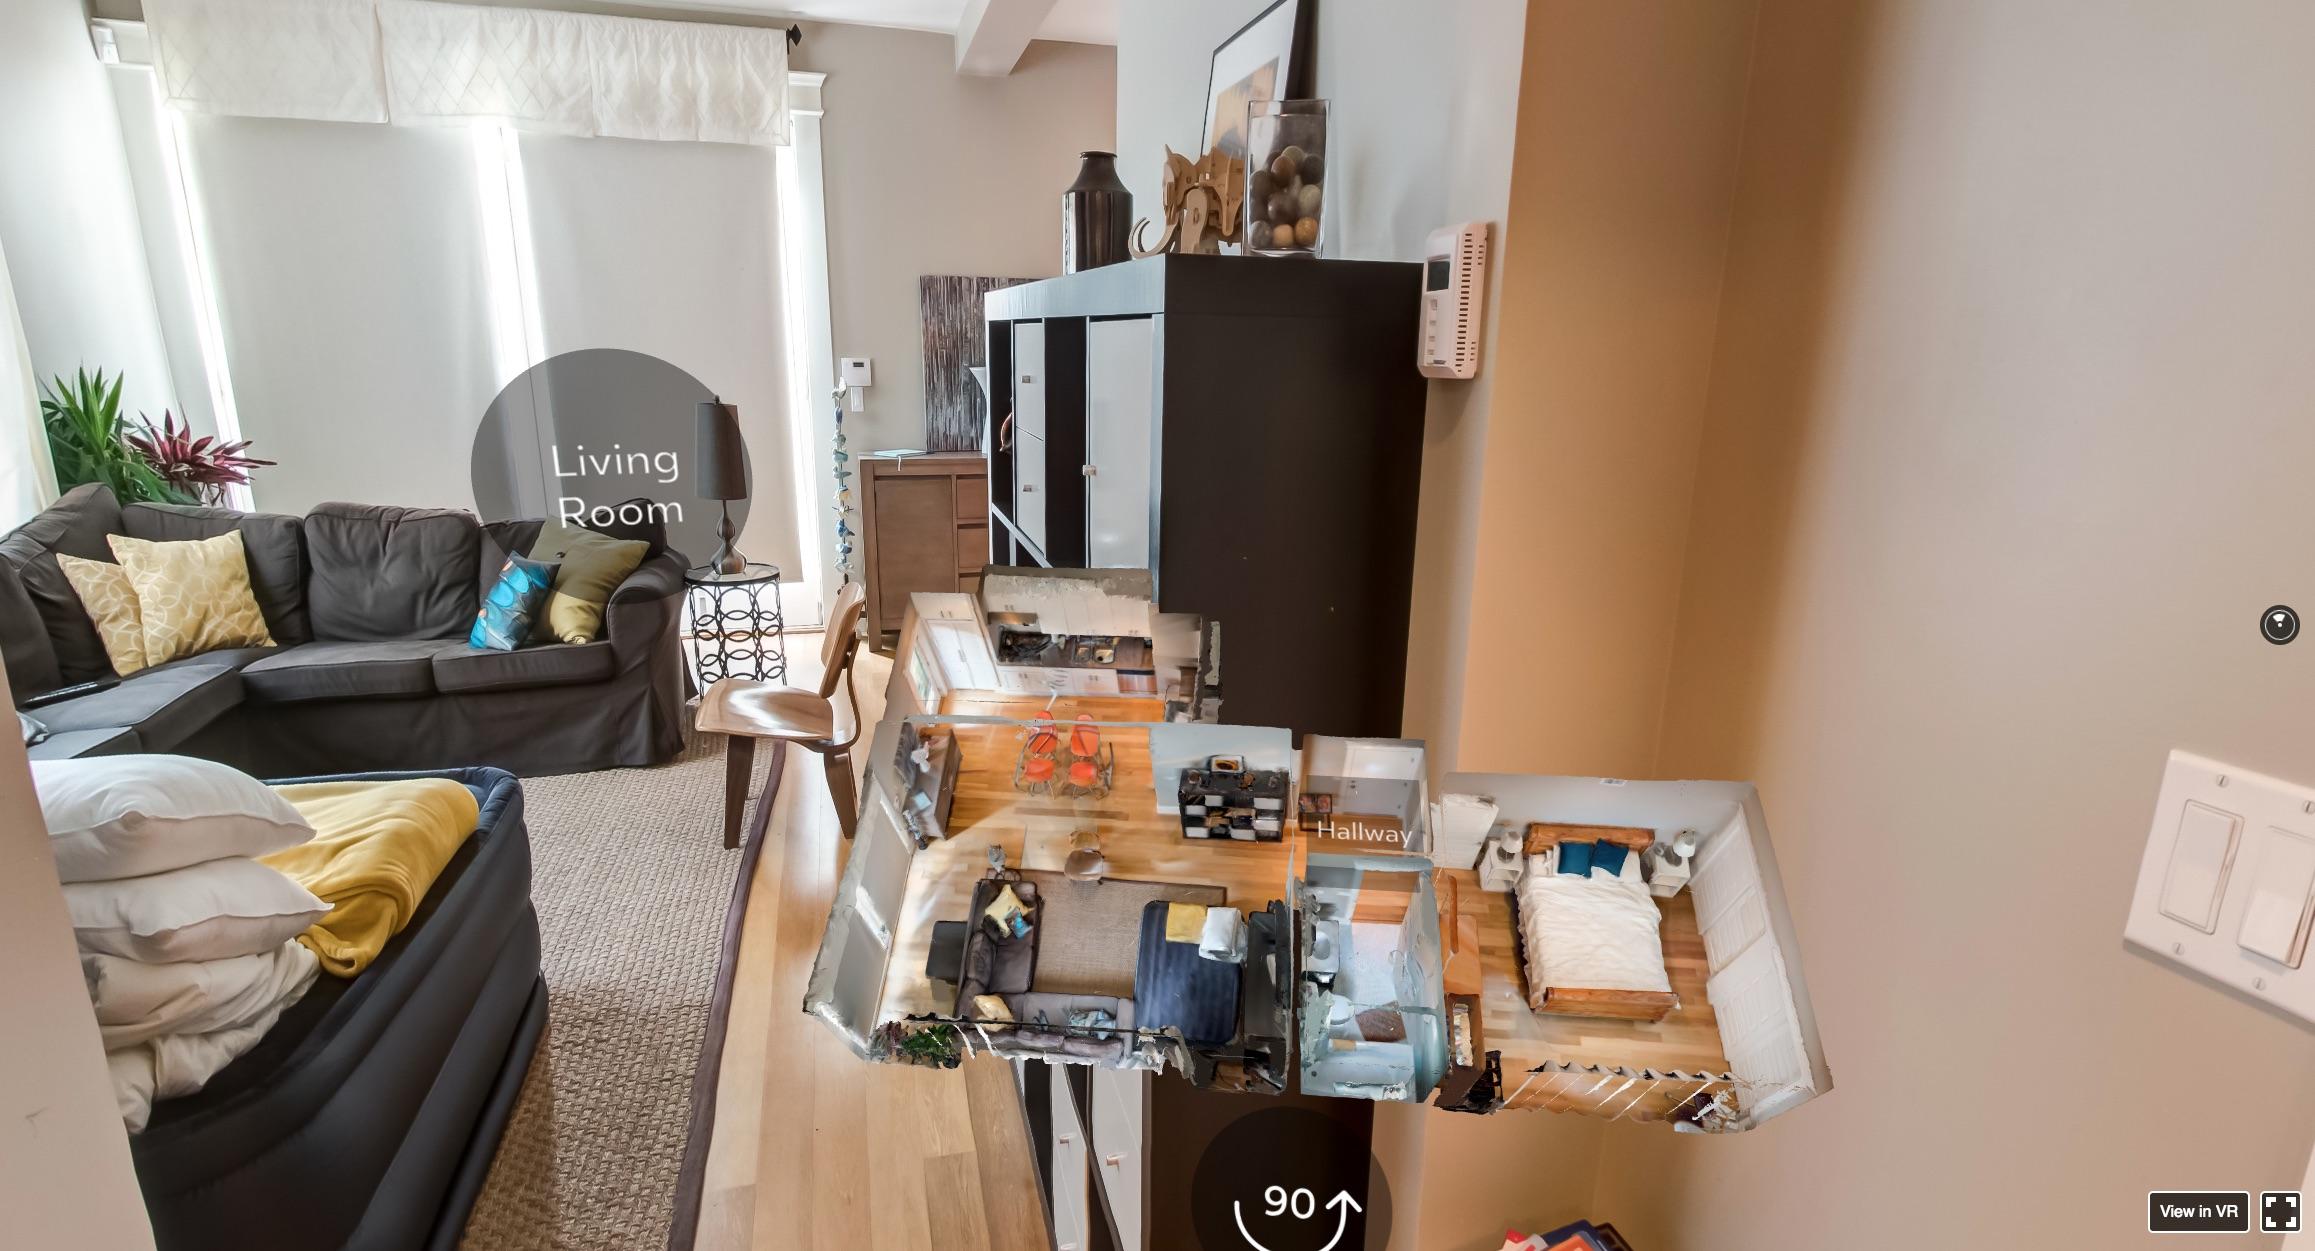 Airbnb-realidad aumentada